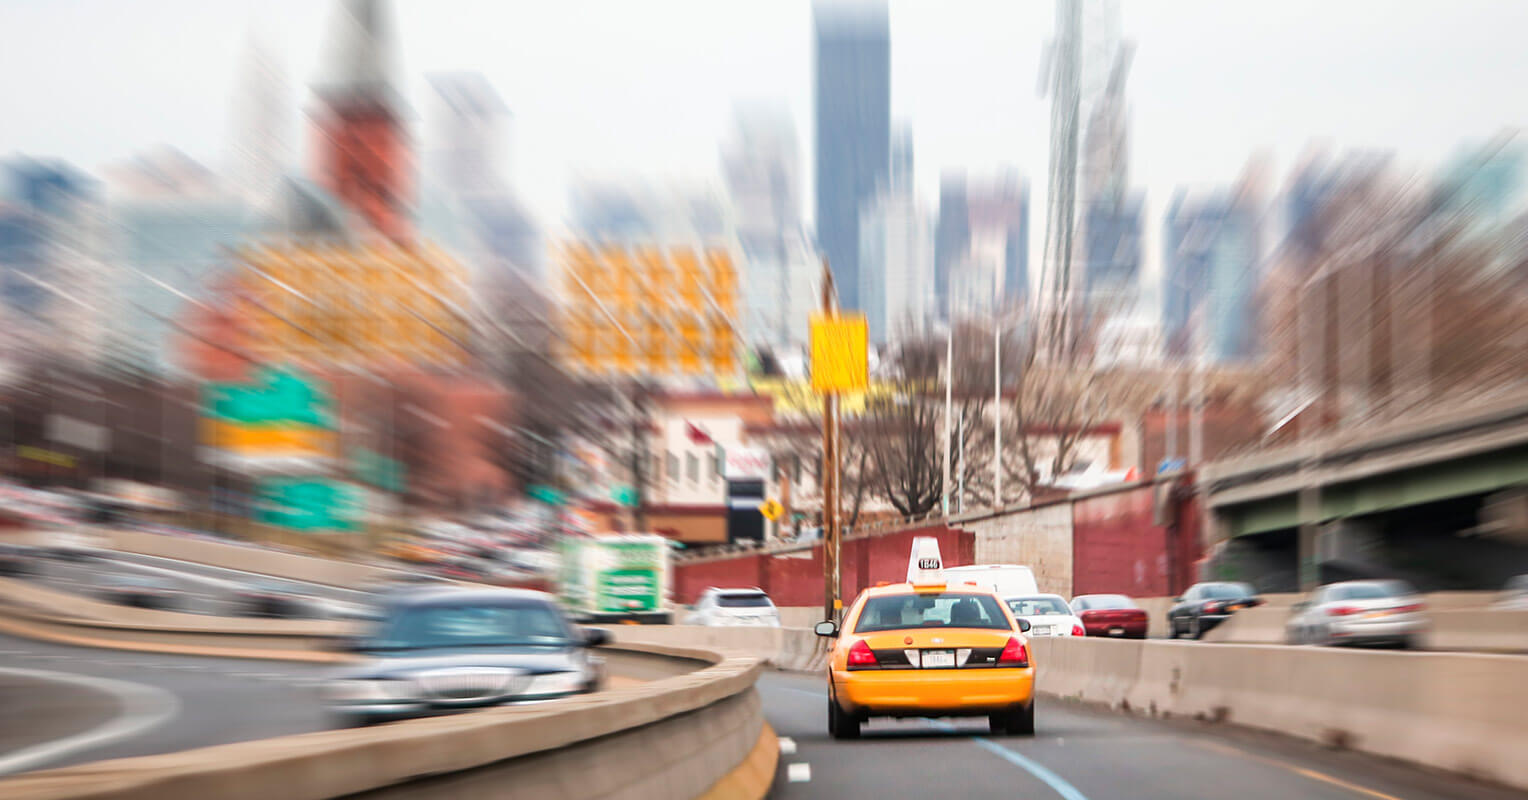 Nueva York taxi